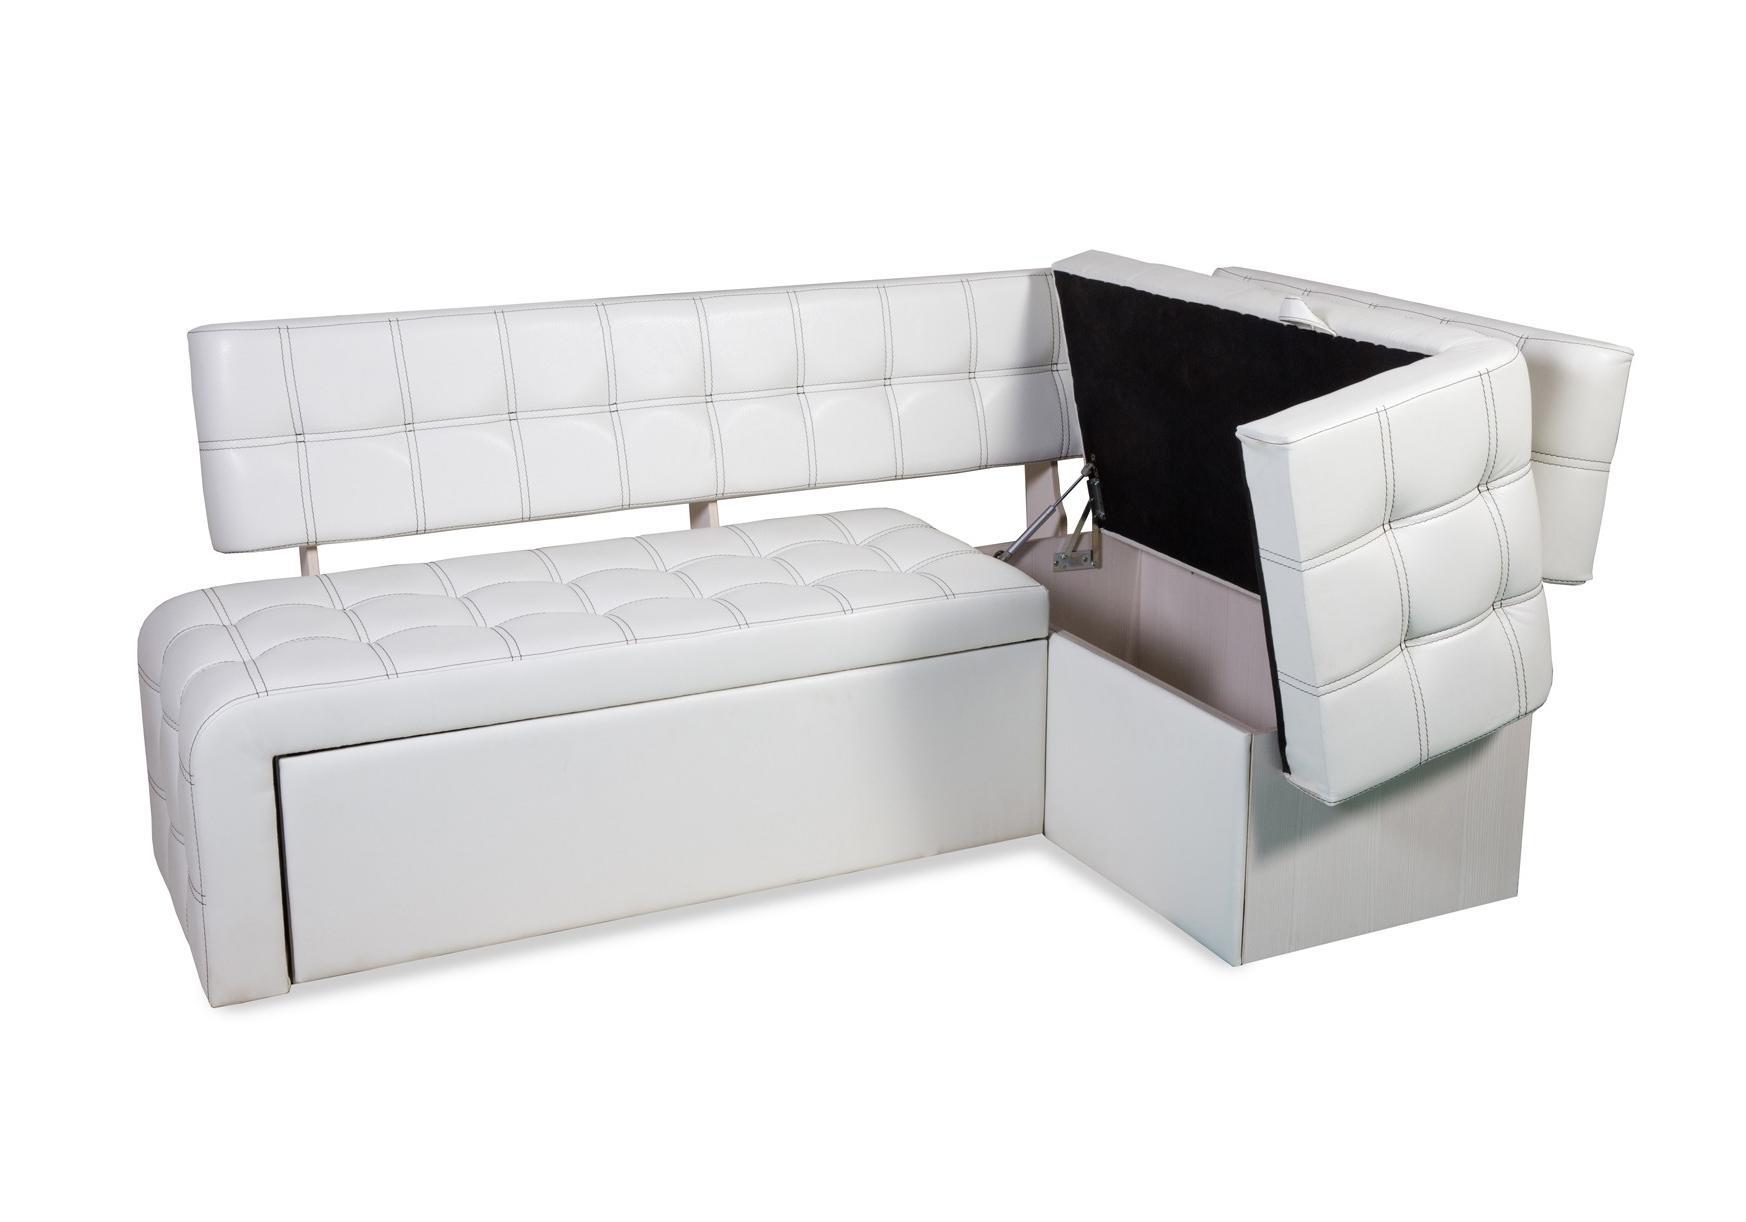 кухонный мягкий диван со спальным местом фото татуировки насекомые может